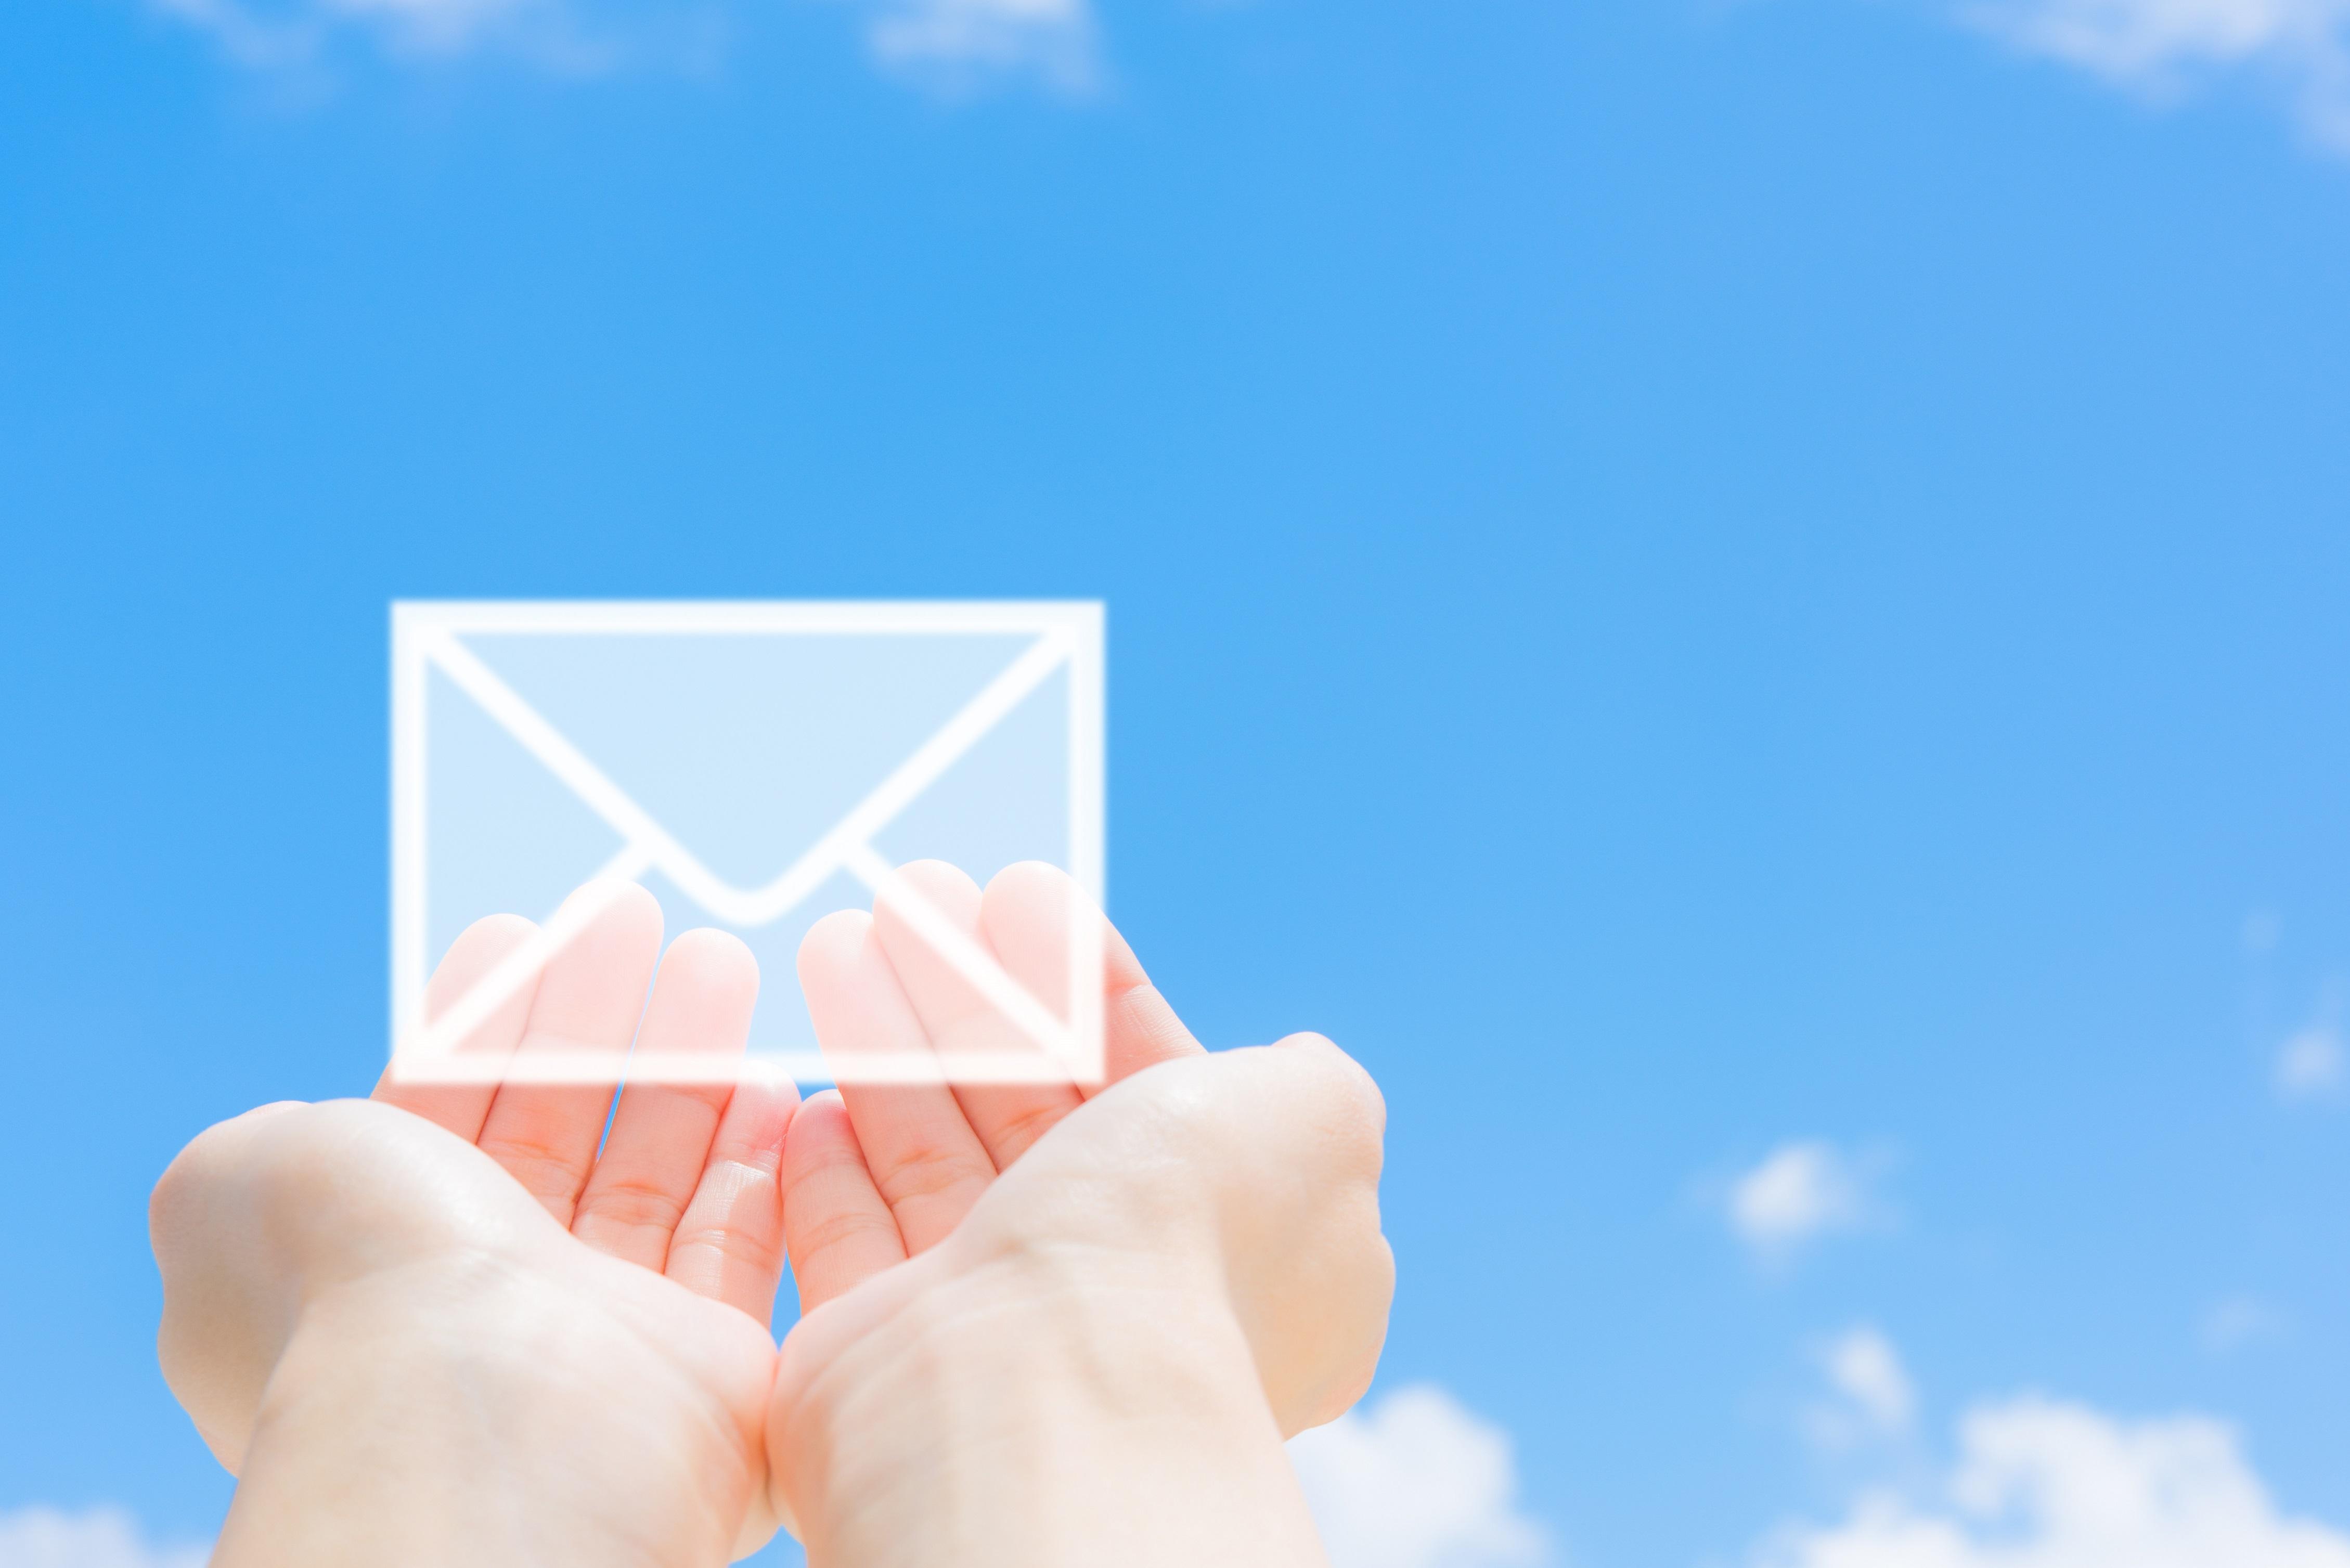 初めてメールを使おうと思ったら何をしたら良いか